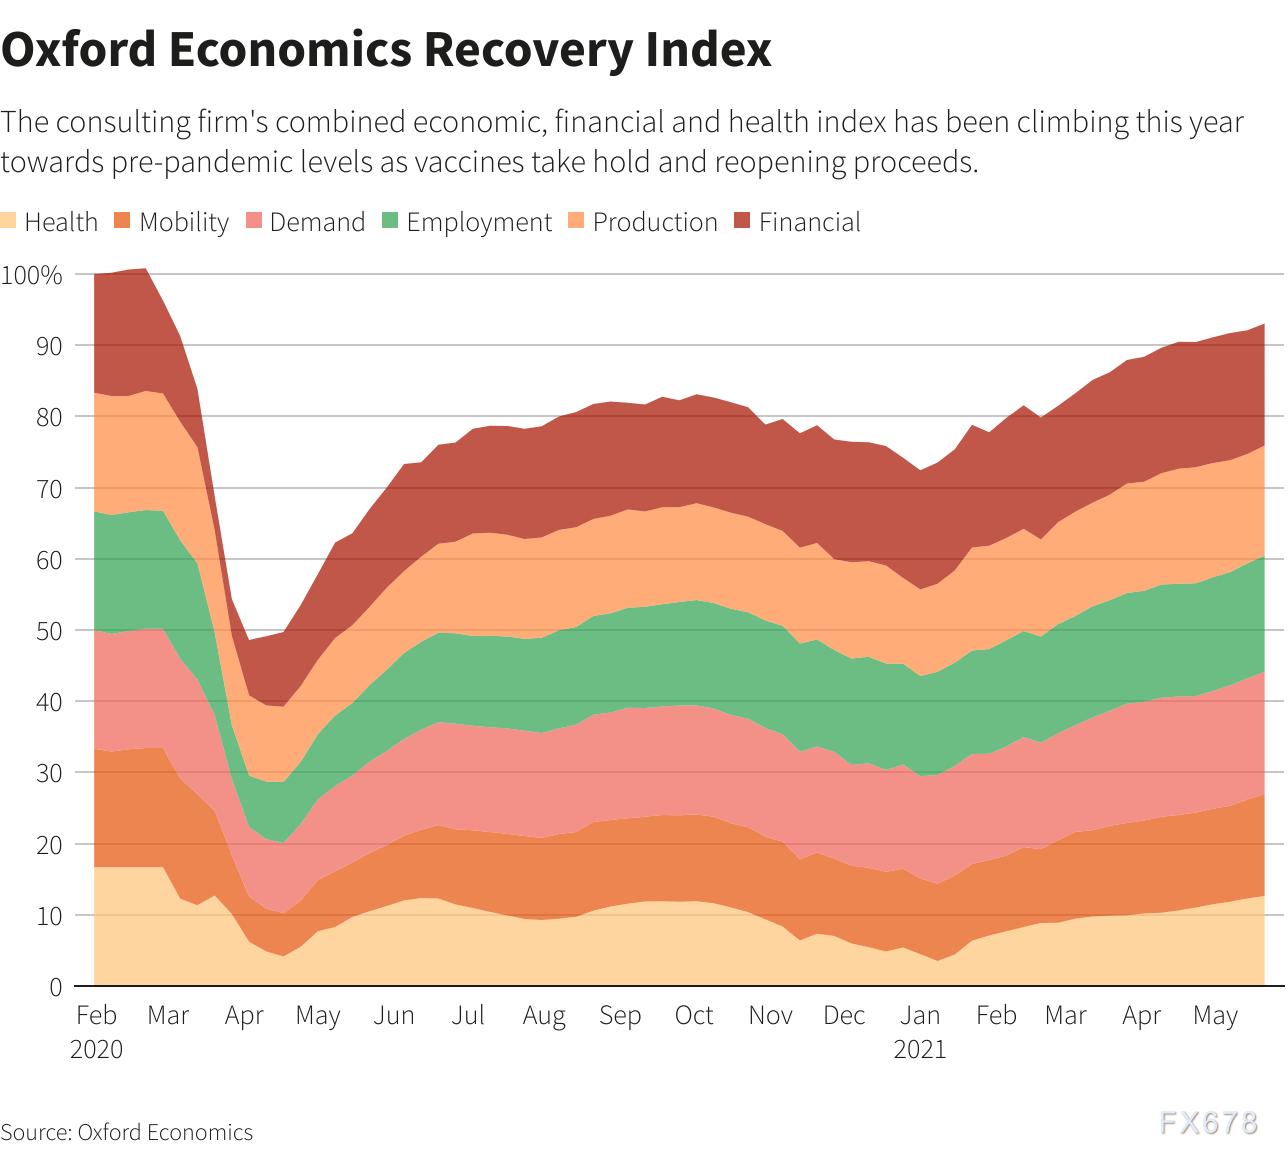 从失业救济将取消到球场全面开放,下一步将是美联储缩减购债?